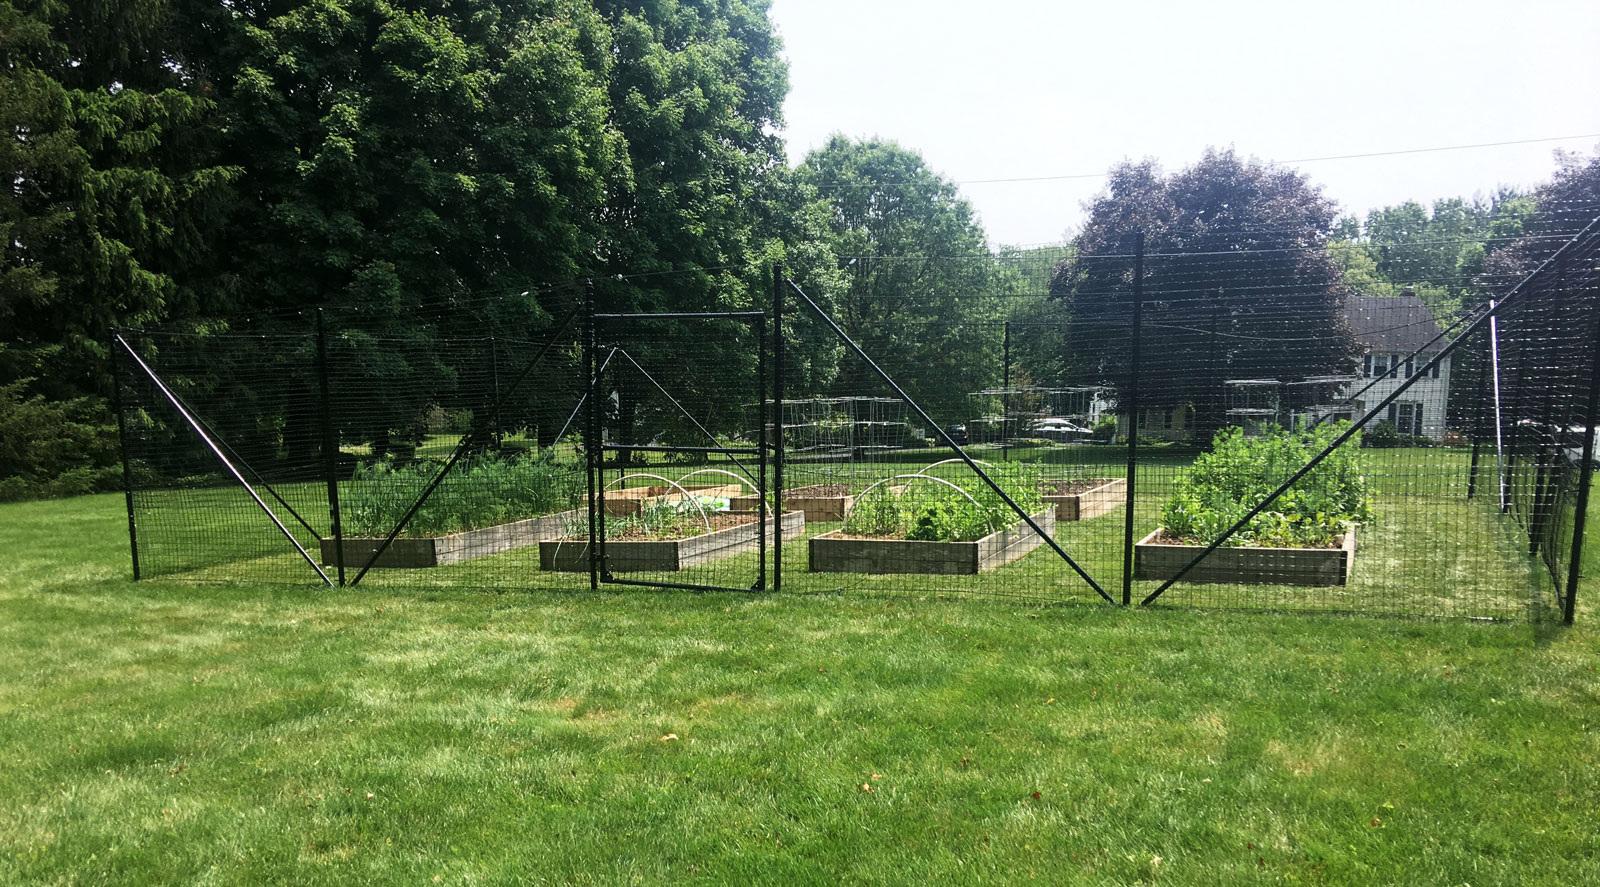 Garden Fence - Plan you garden now